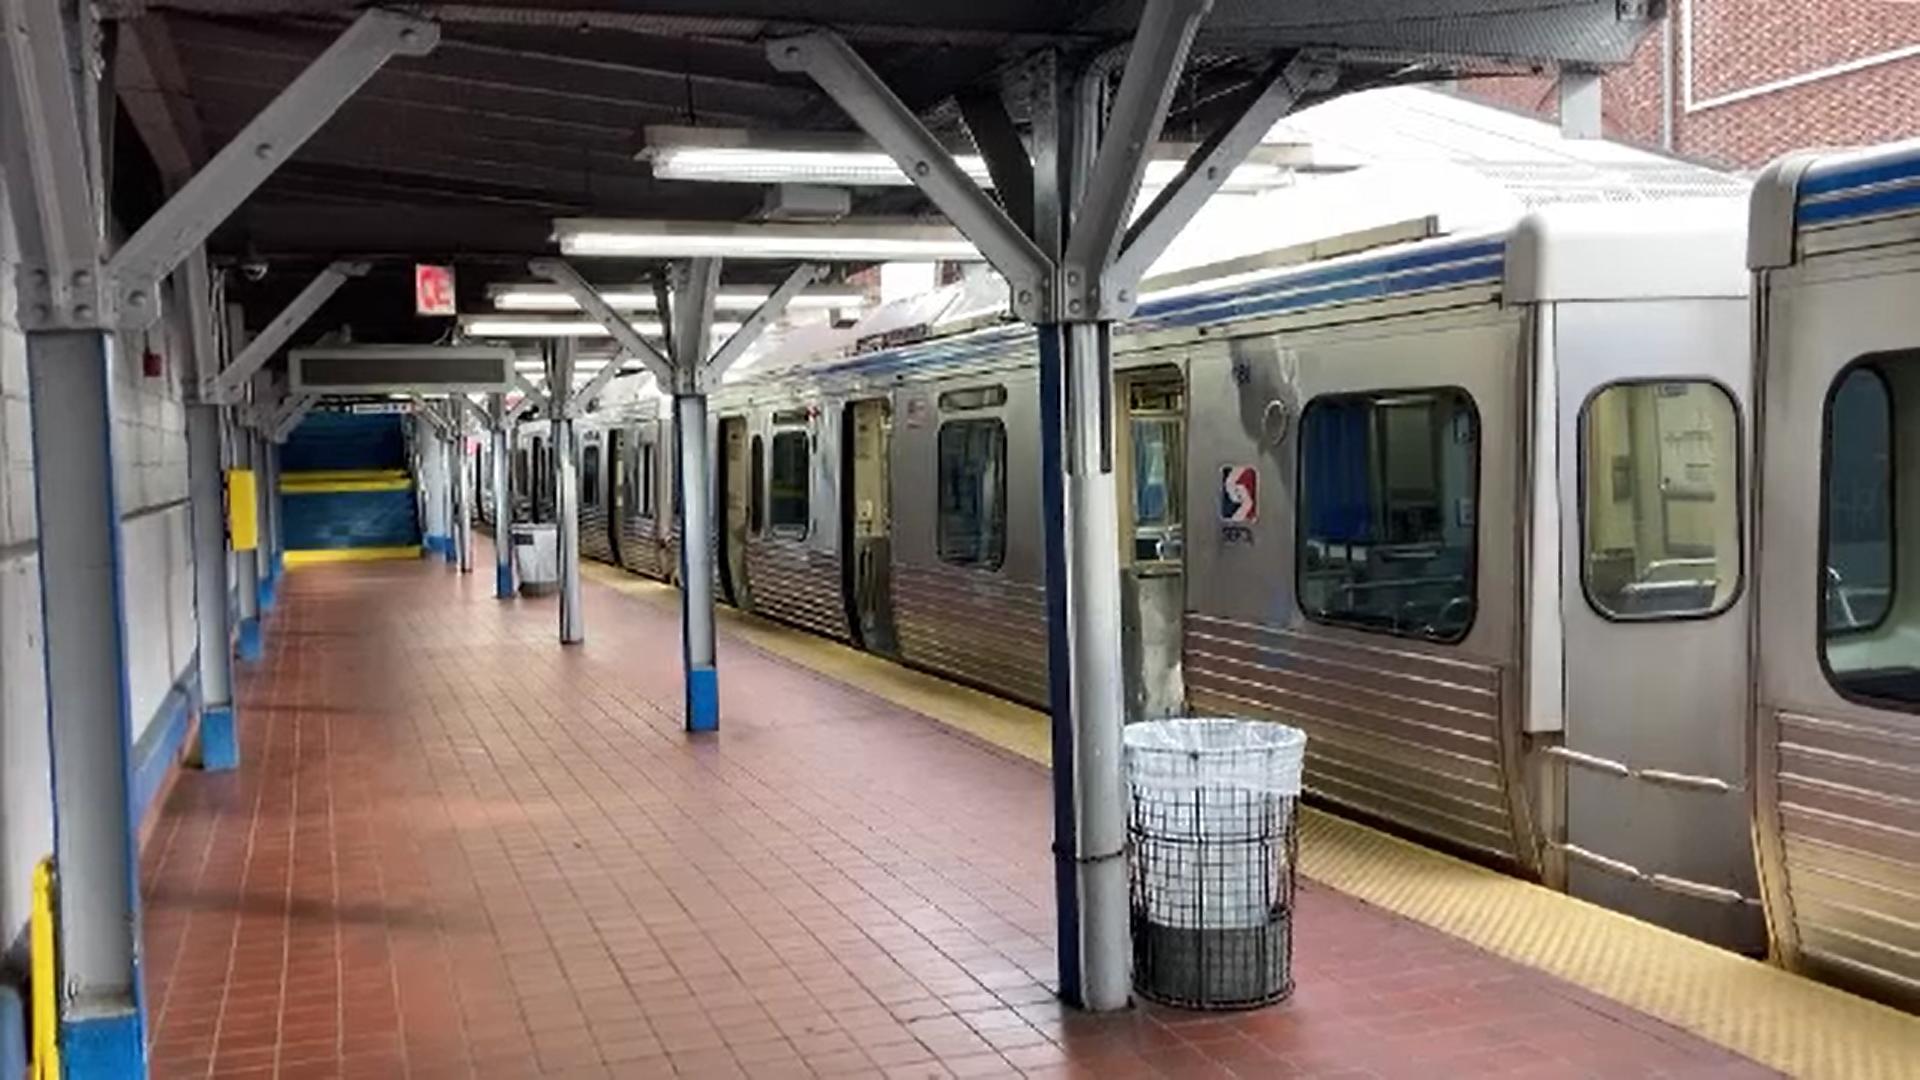 Noi detalii în cazul femeii din Statele Unite violată săptămâna trecută în tren în prezența a zeci de călători